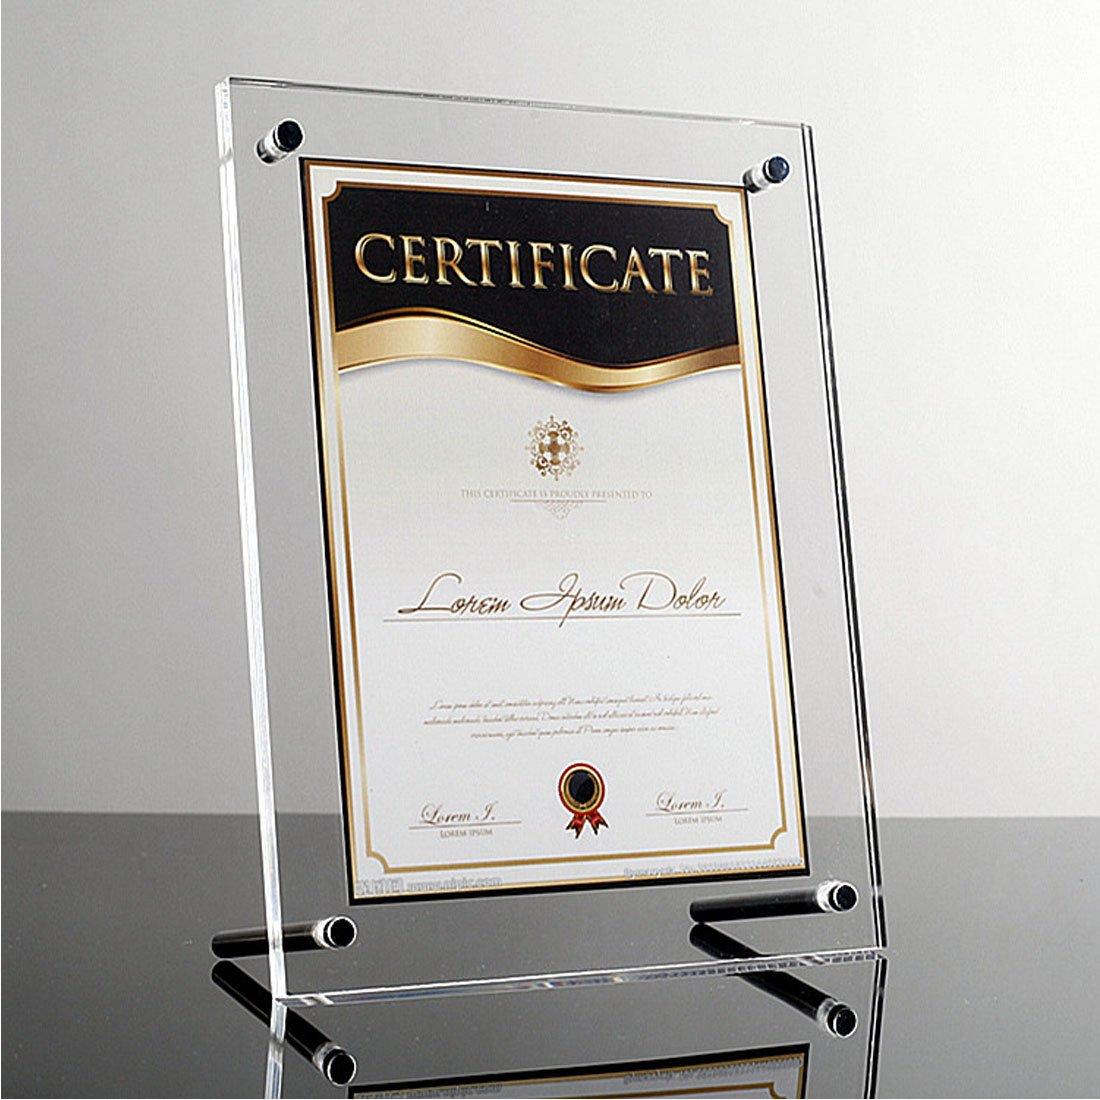 transparente acr/ílico Levoberg marco de fotos de cristal efecto Espejo marco de mesa decoraci/ón hogar oficina A4